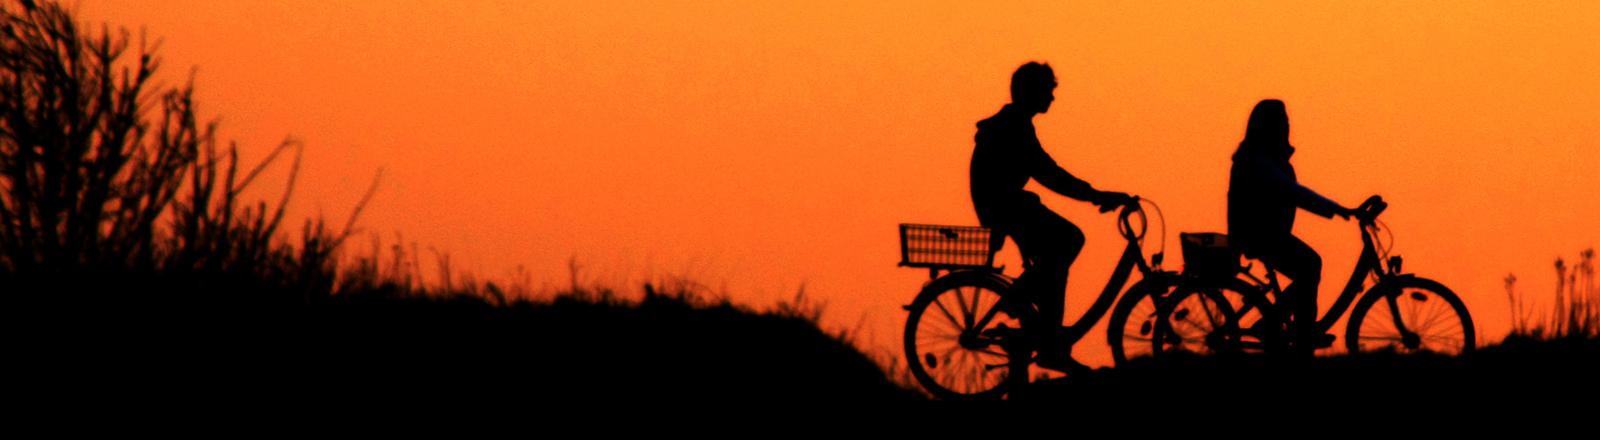 Zwei Radfahrer bei Sonnenuntergang auf einer Düne